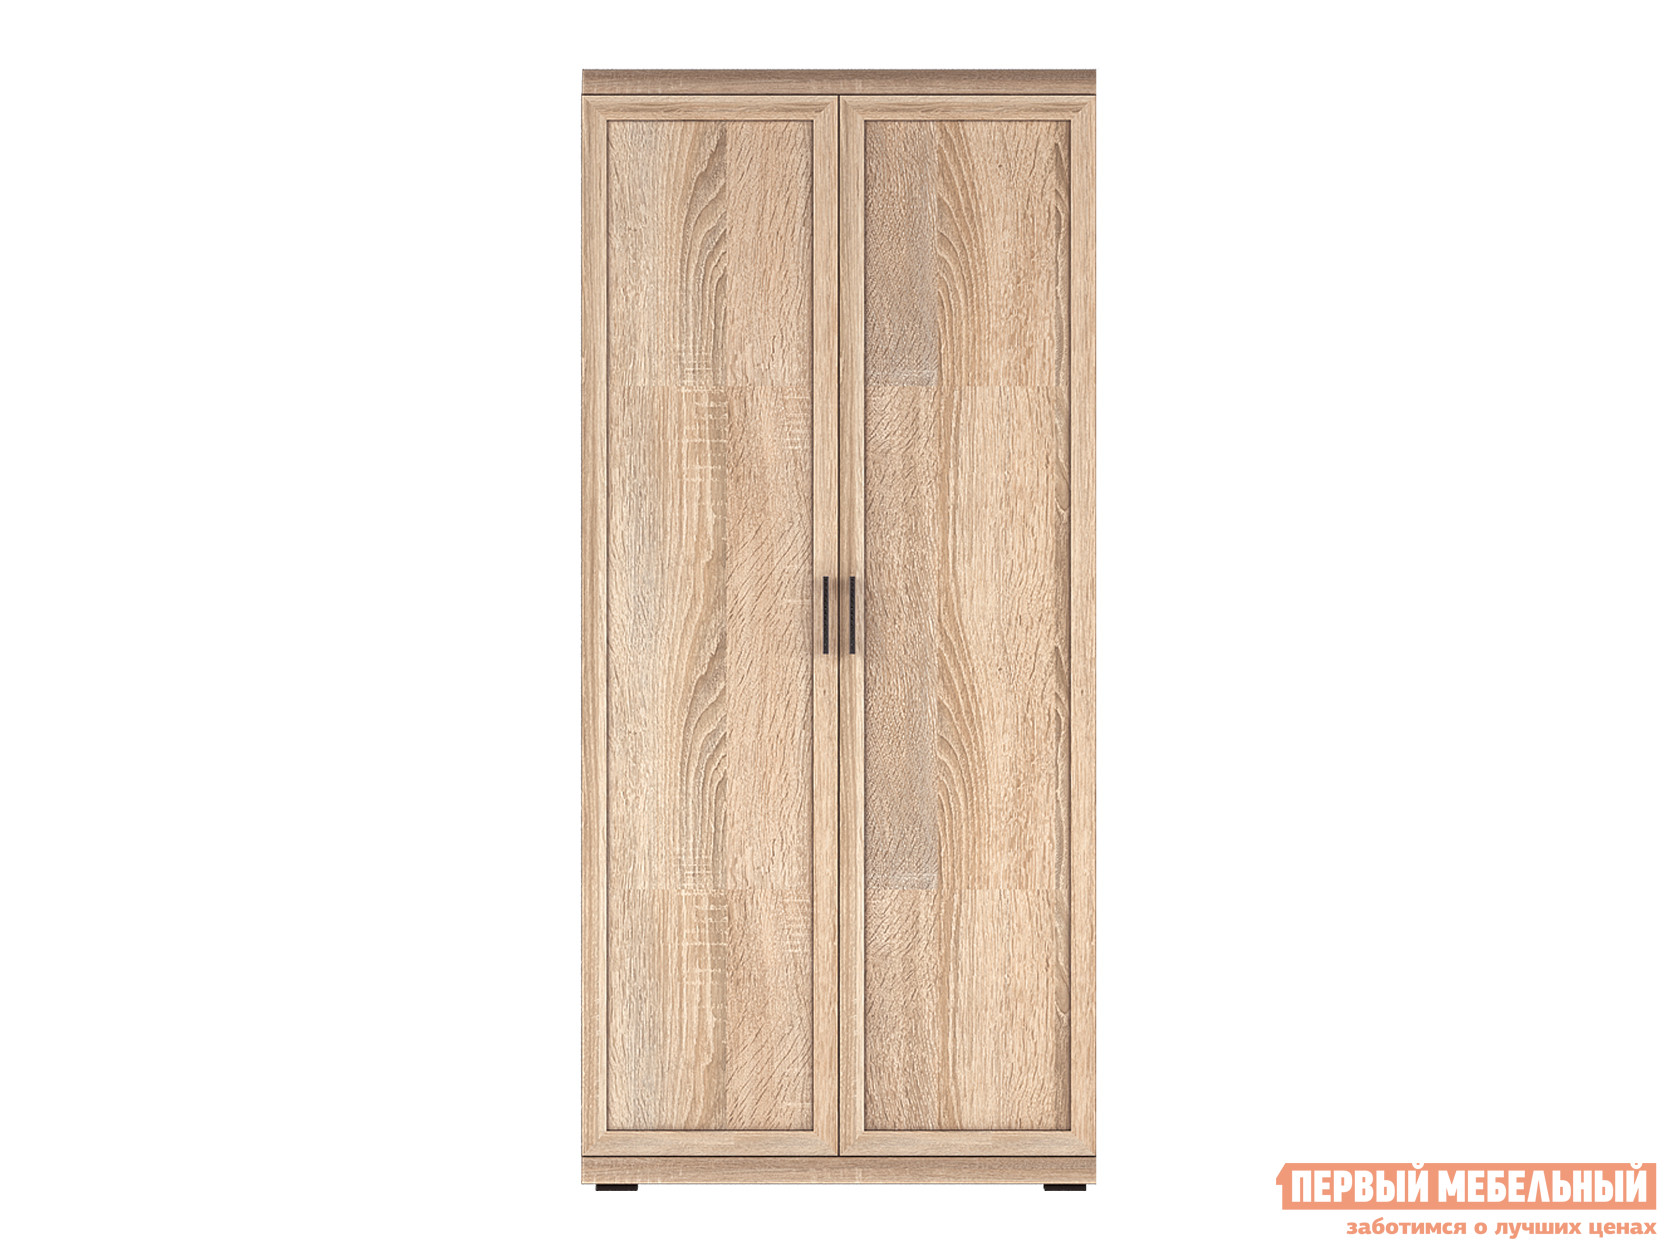 Распашной шкаф 2-х створчатый для одежды Первый Мебельный Вега Прованс 5 шкаф распашной первый мебельный вега прованс ш3